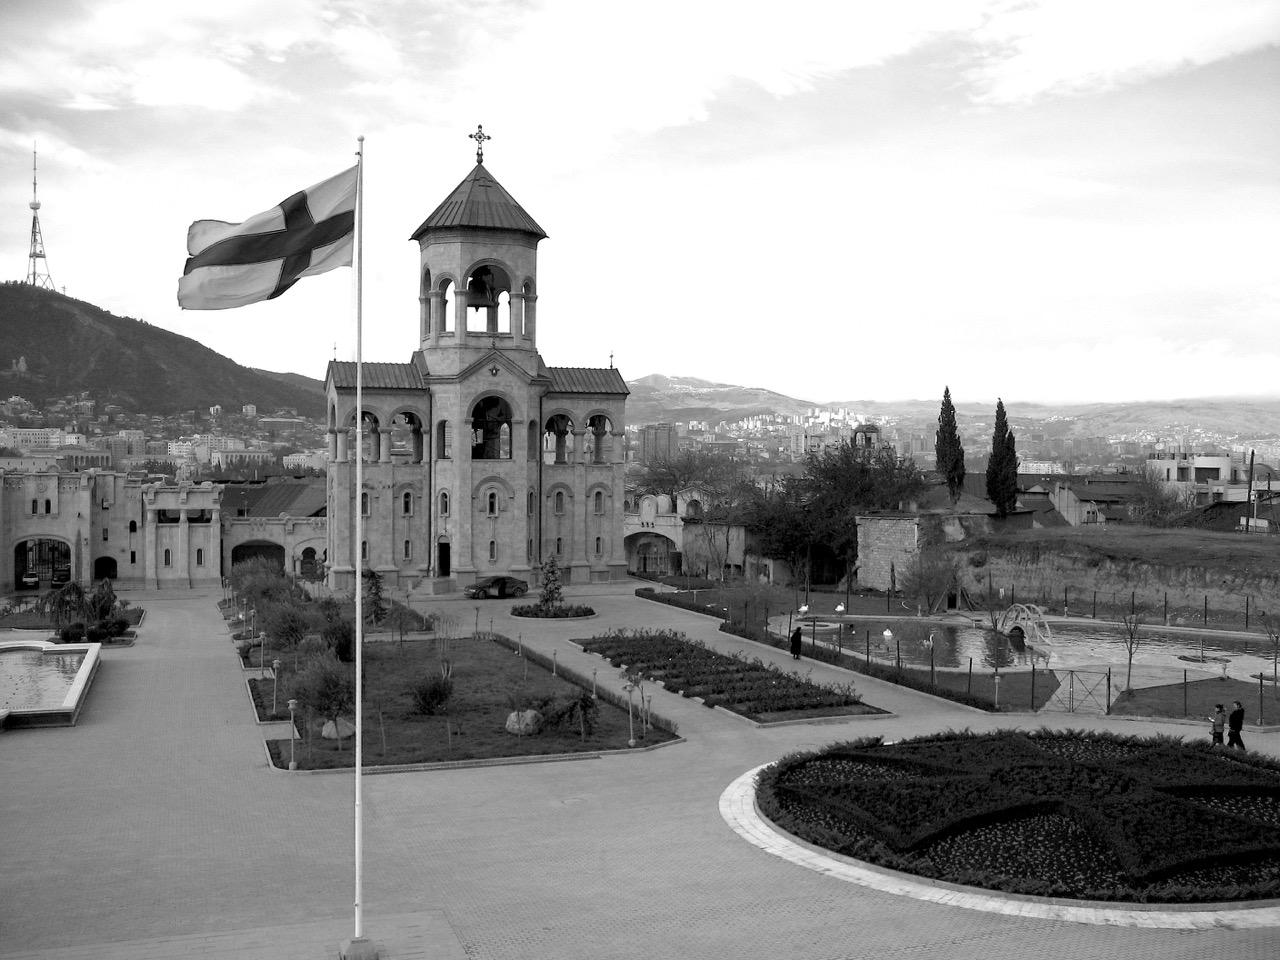 Foto: Dreifaltigkeitskirche in Tbilissi. Aus: Eriwan. Kapitel 1. Aufzeichnungen aus Armenien von Marc Degens.